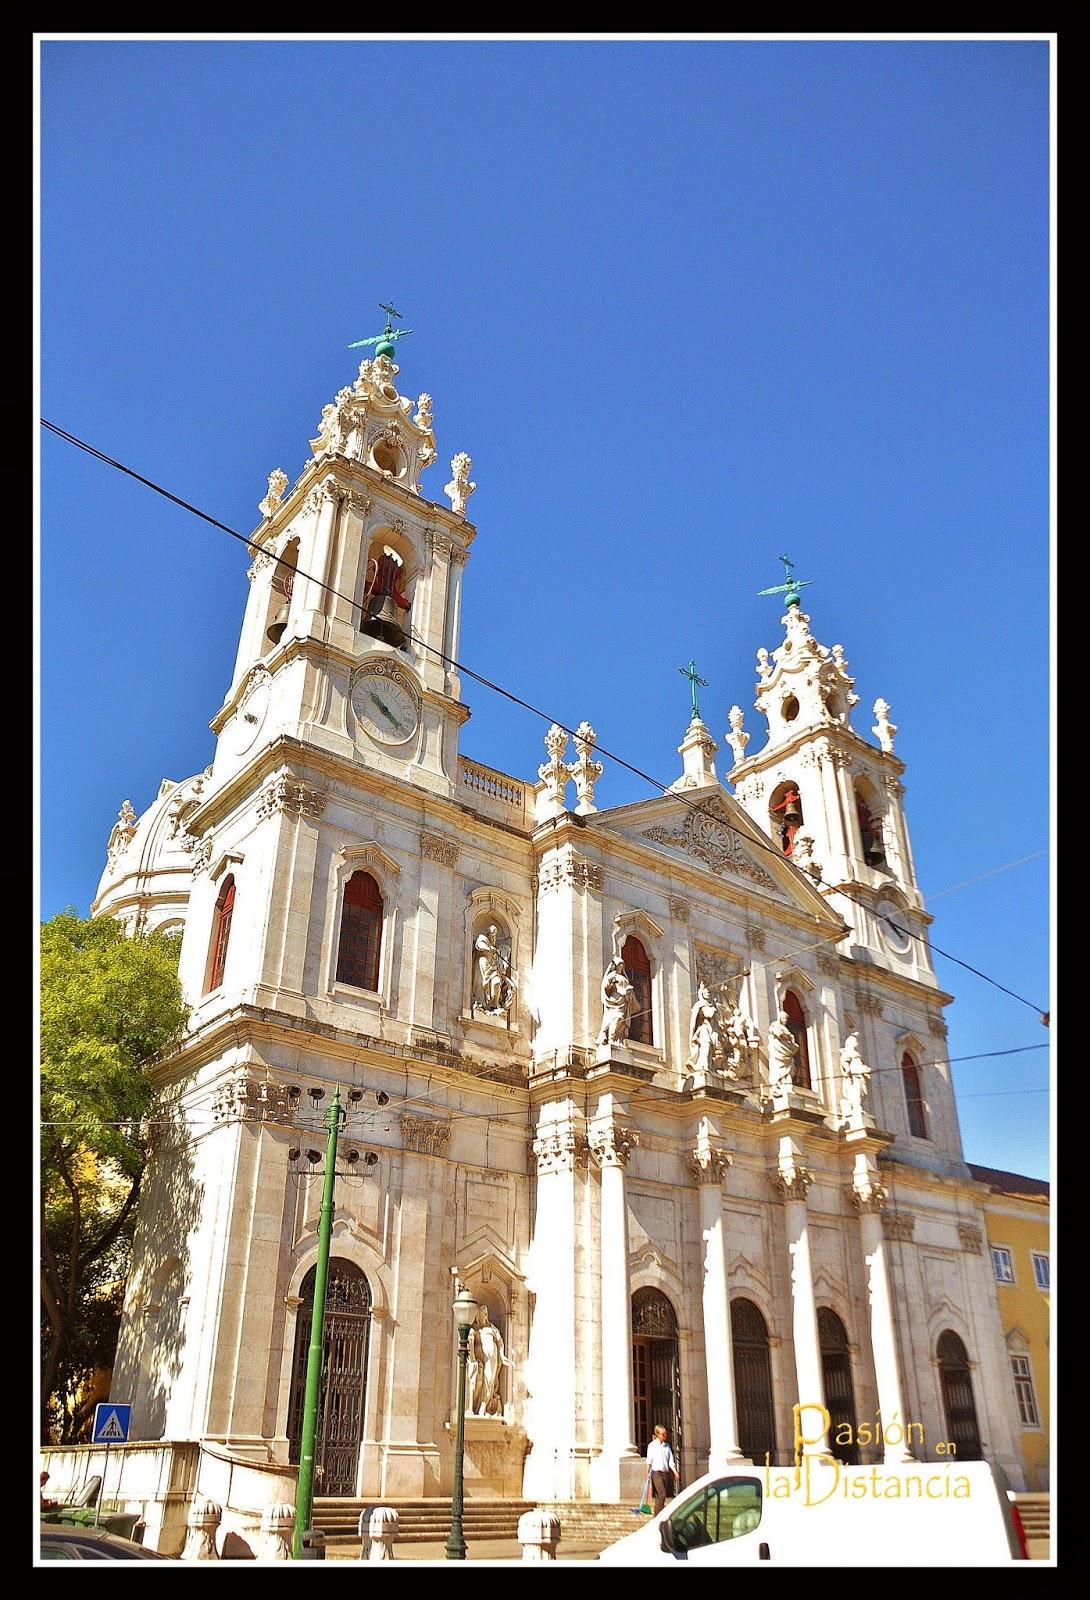 Monumentos de Lisboa Fachada Basílica da Estrela Portugal Viajes